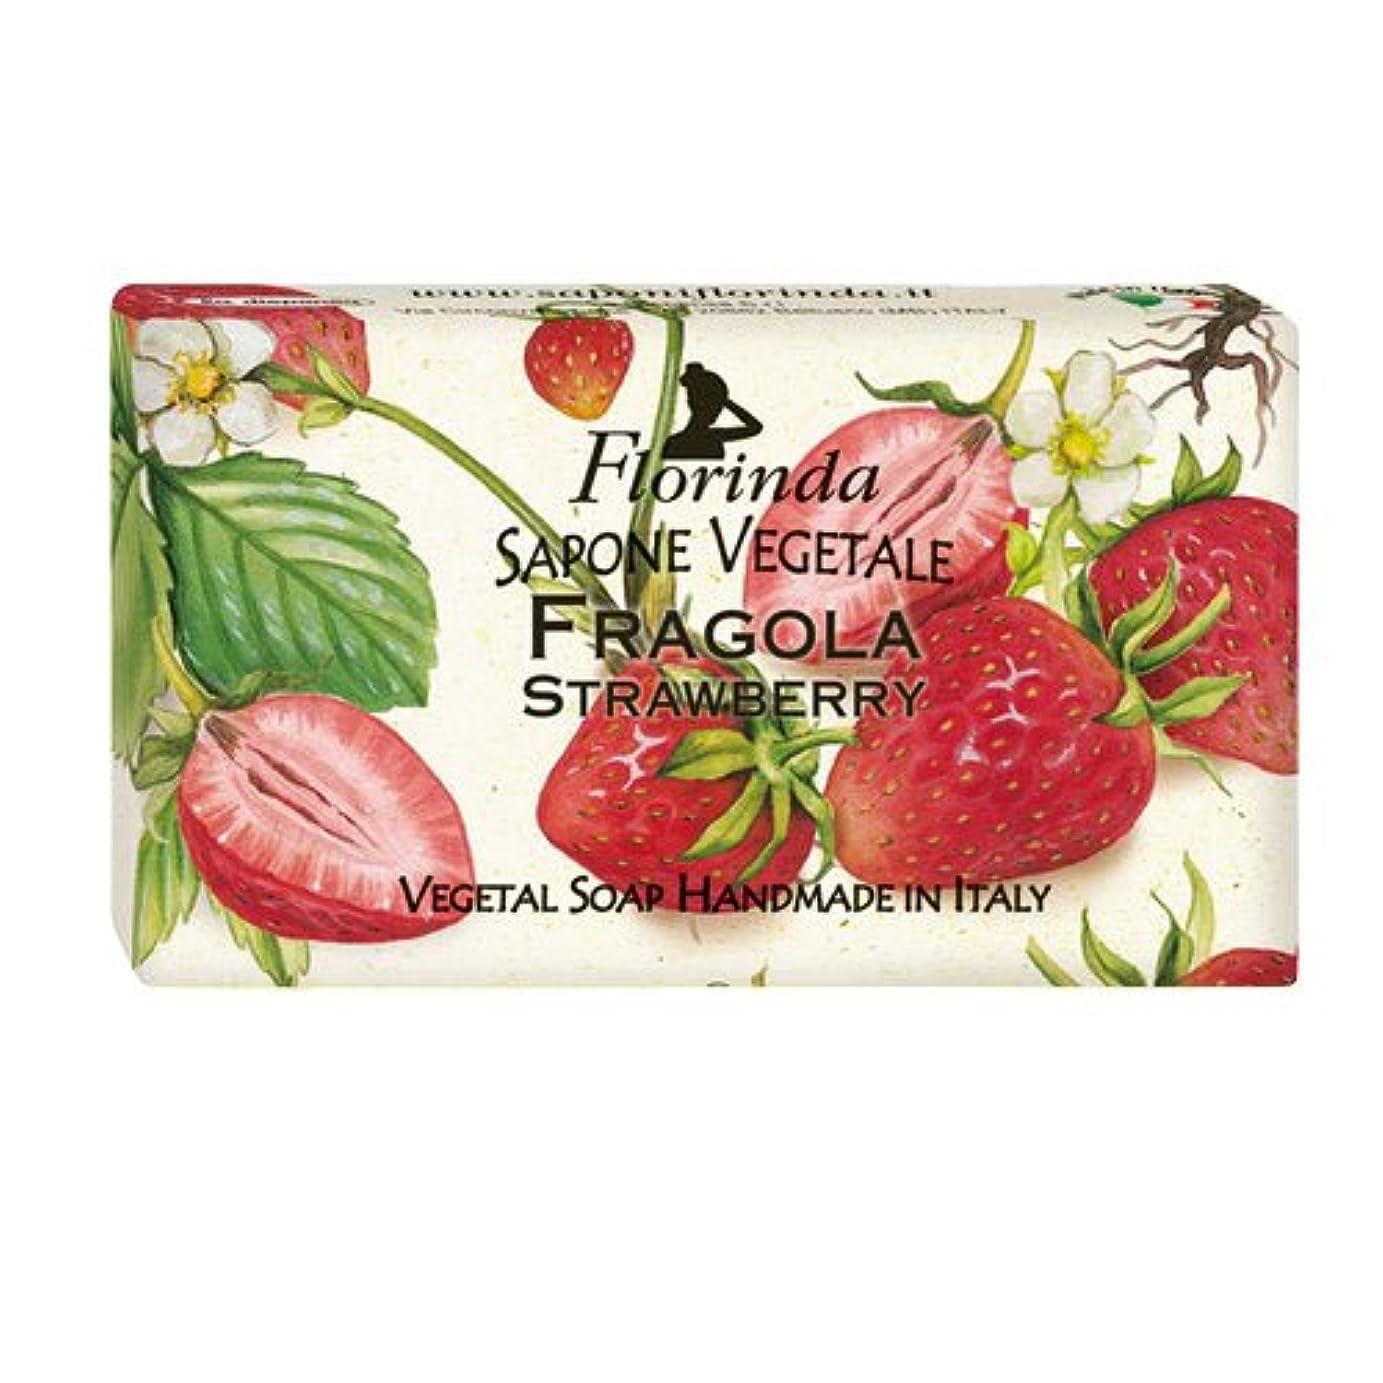 ズボンタヒチリマフロリンダ フレグランスソープ フルーツ ストロベリー 95g